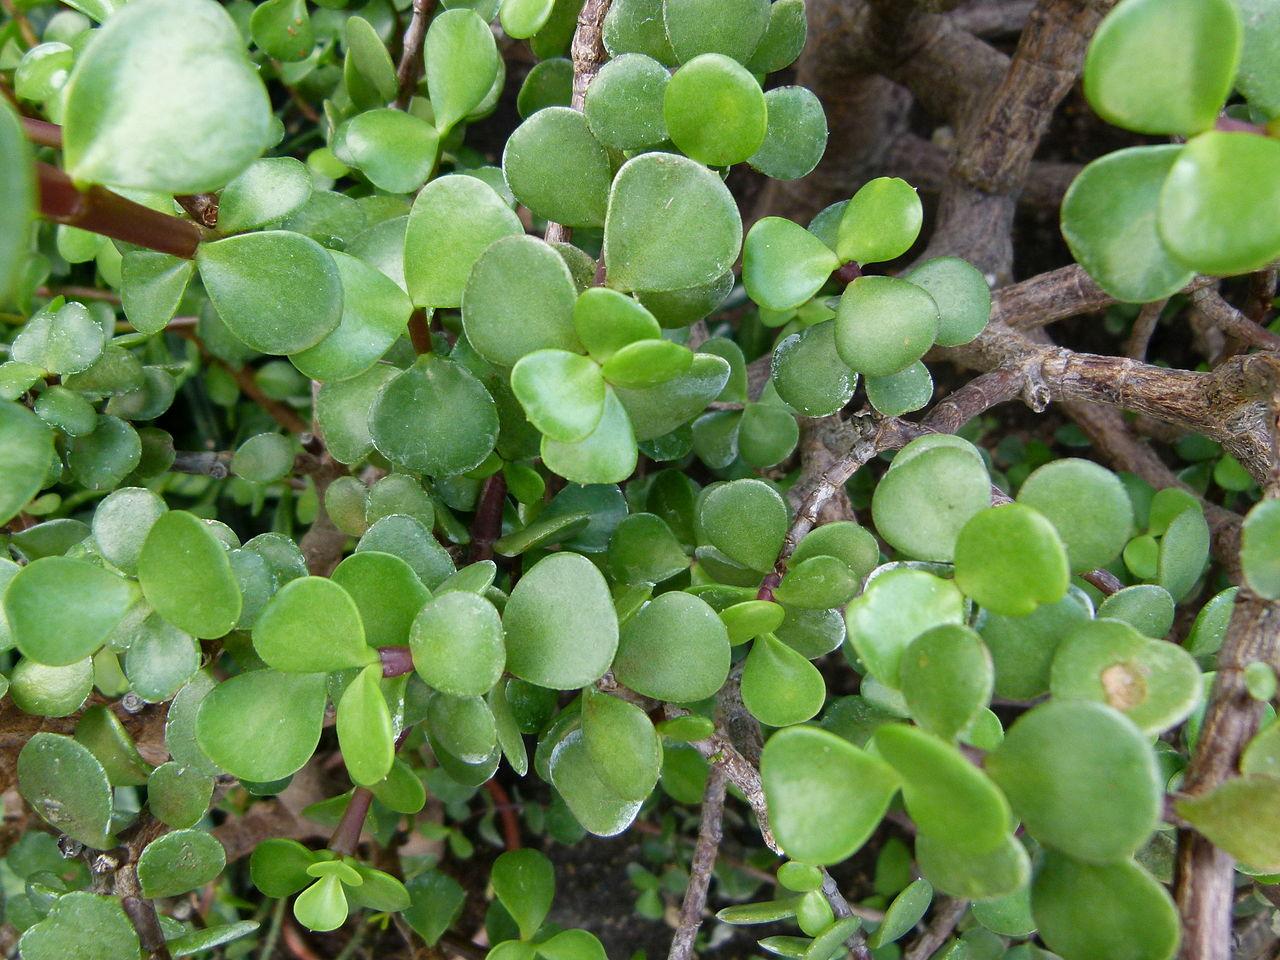 Spekboom leaves